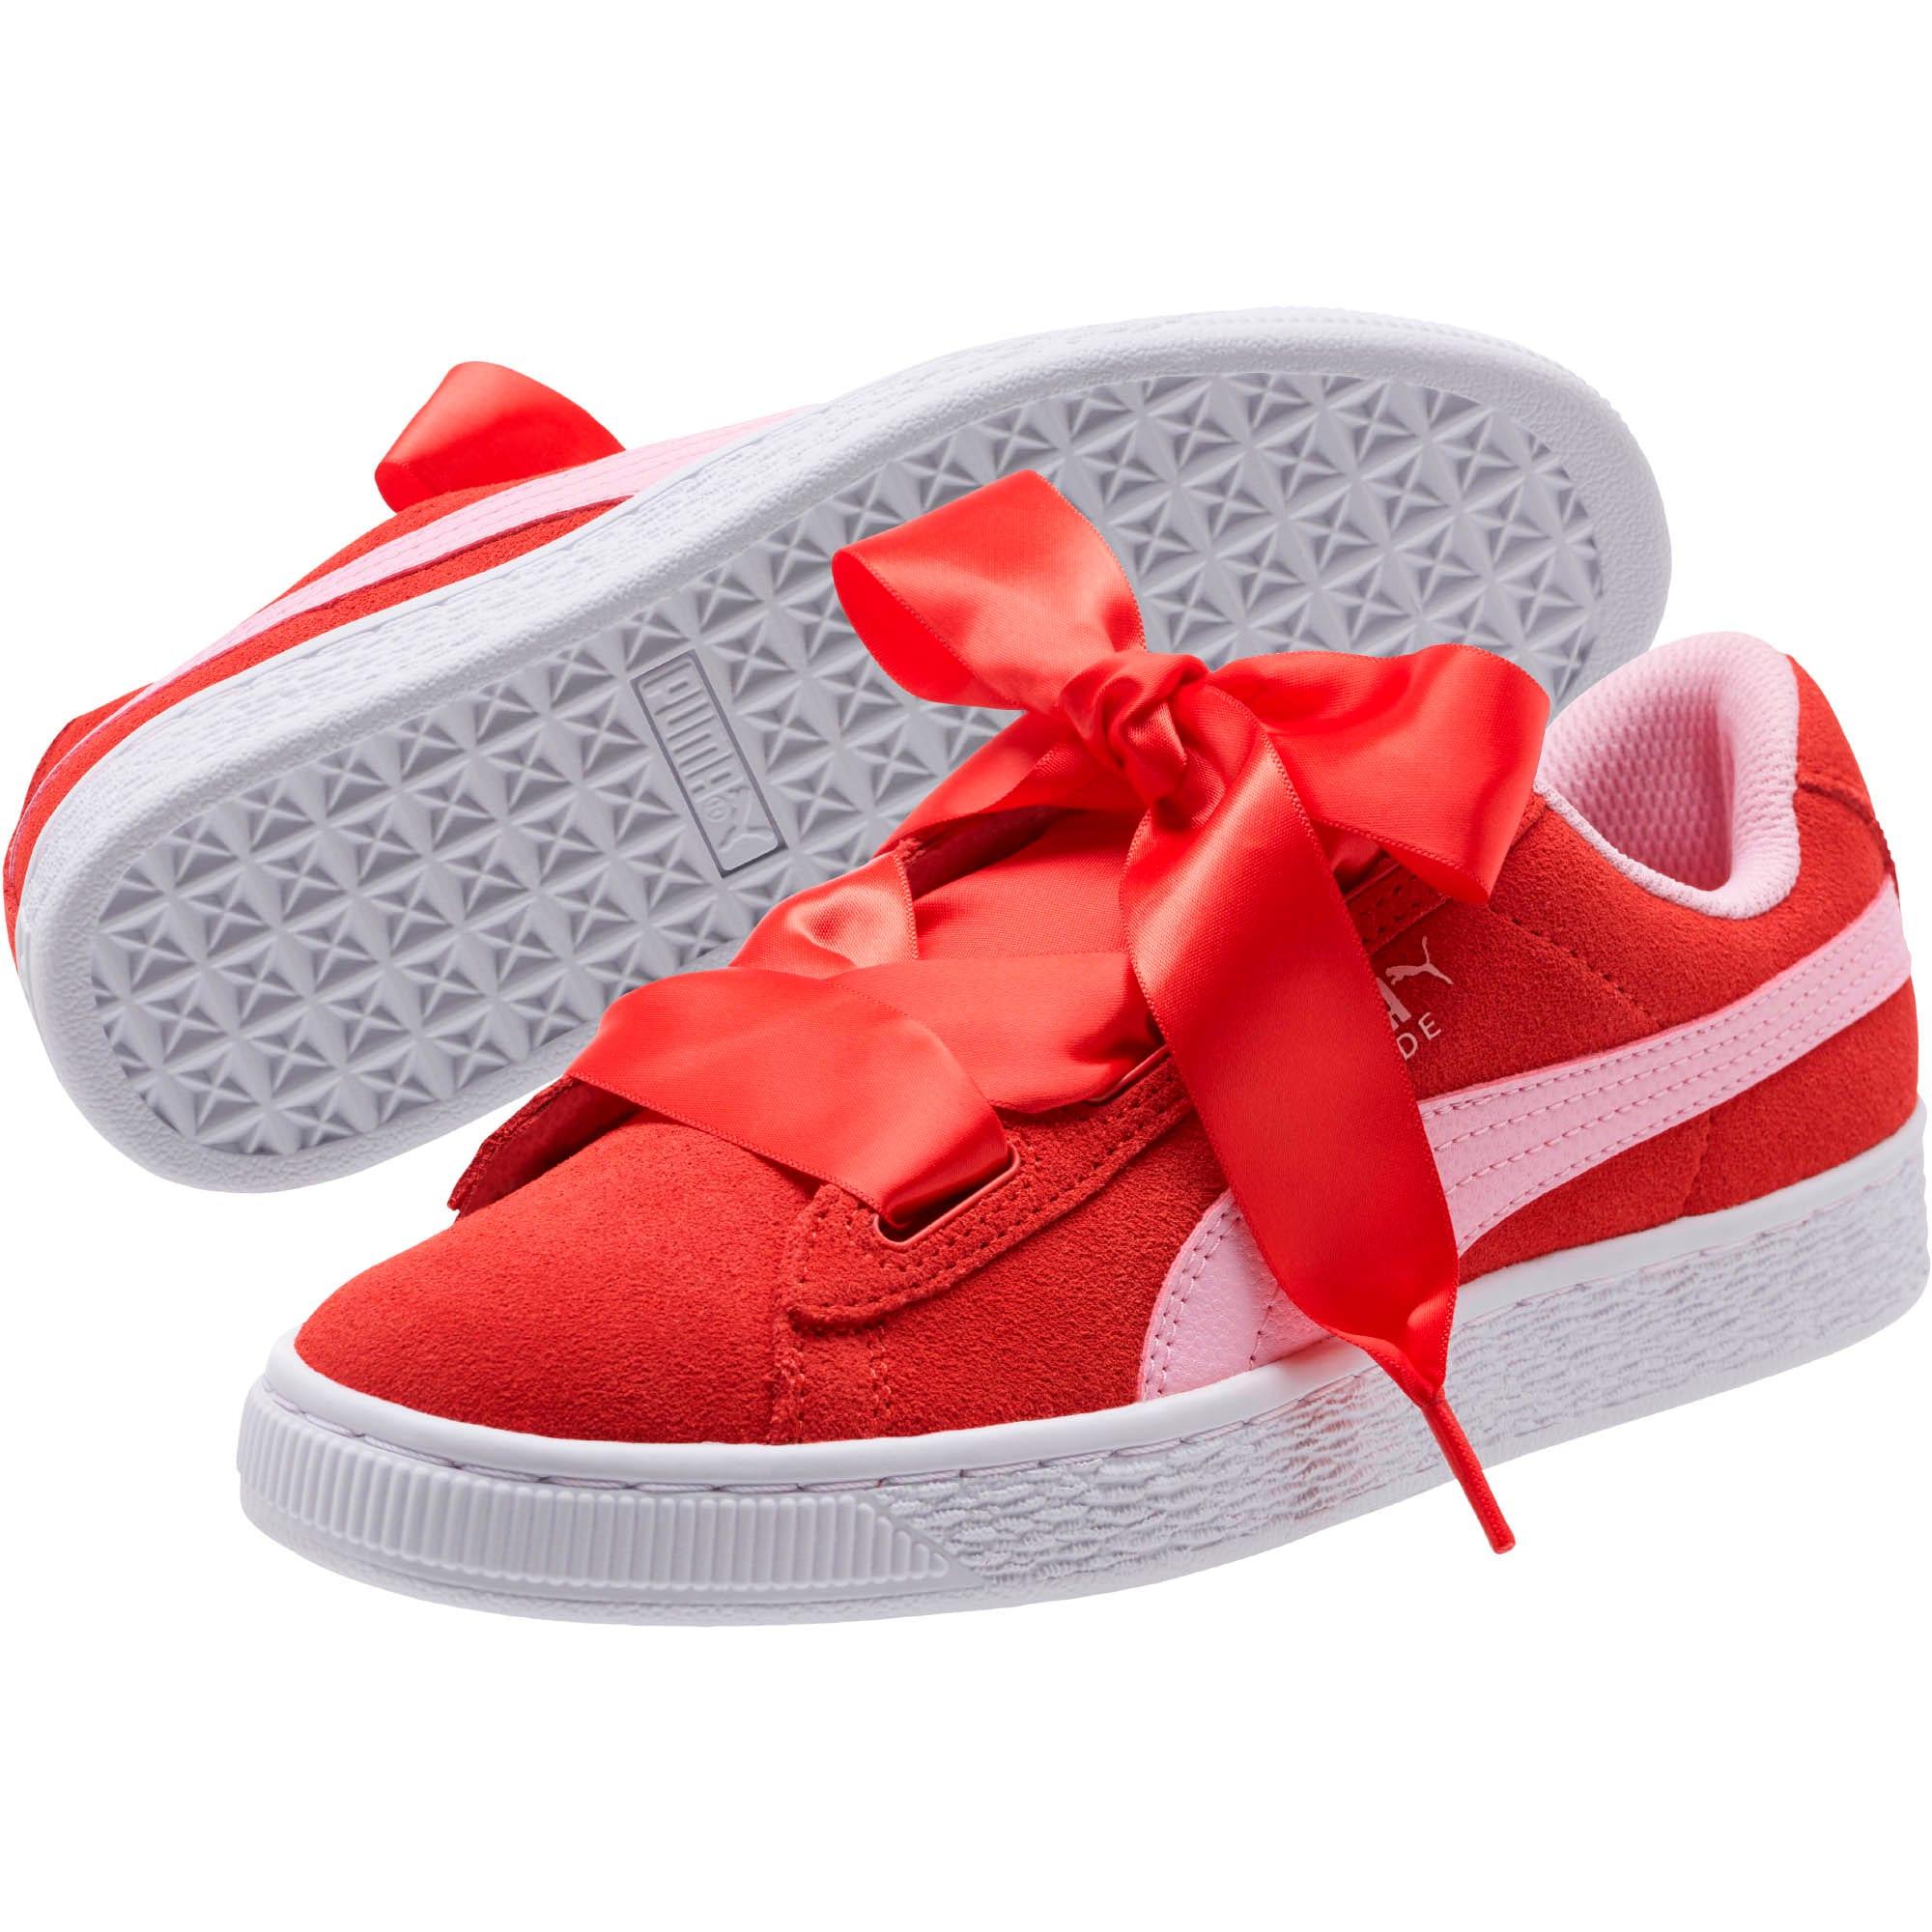 Suede Heart Radicals Sneakers JR